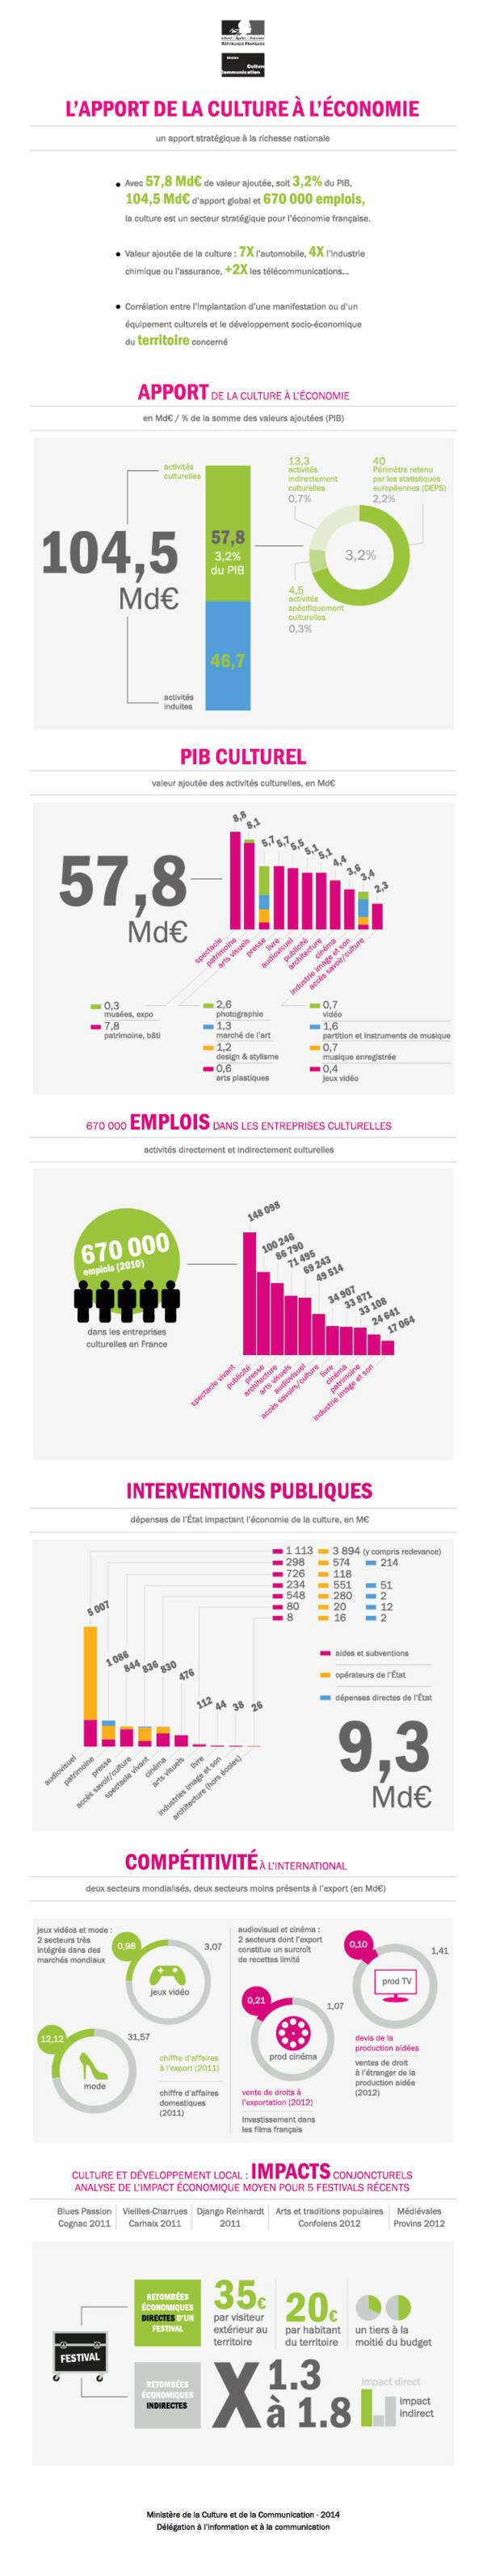 """Infographie """"L'apport de la culture à l'économie en France"""""""